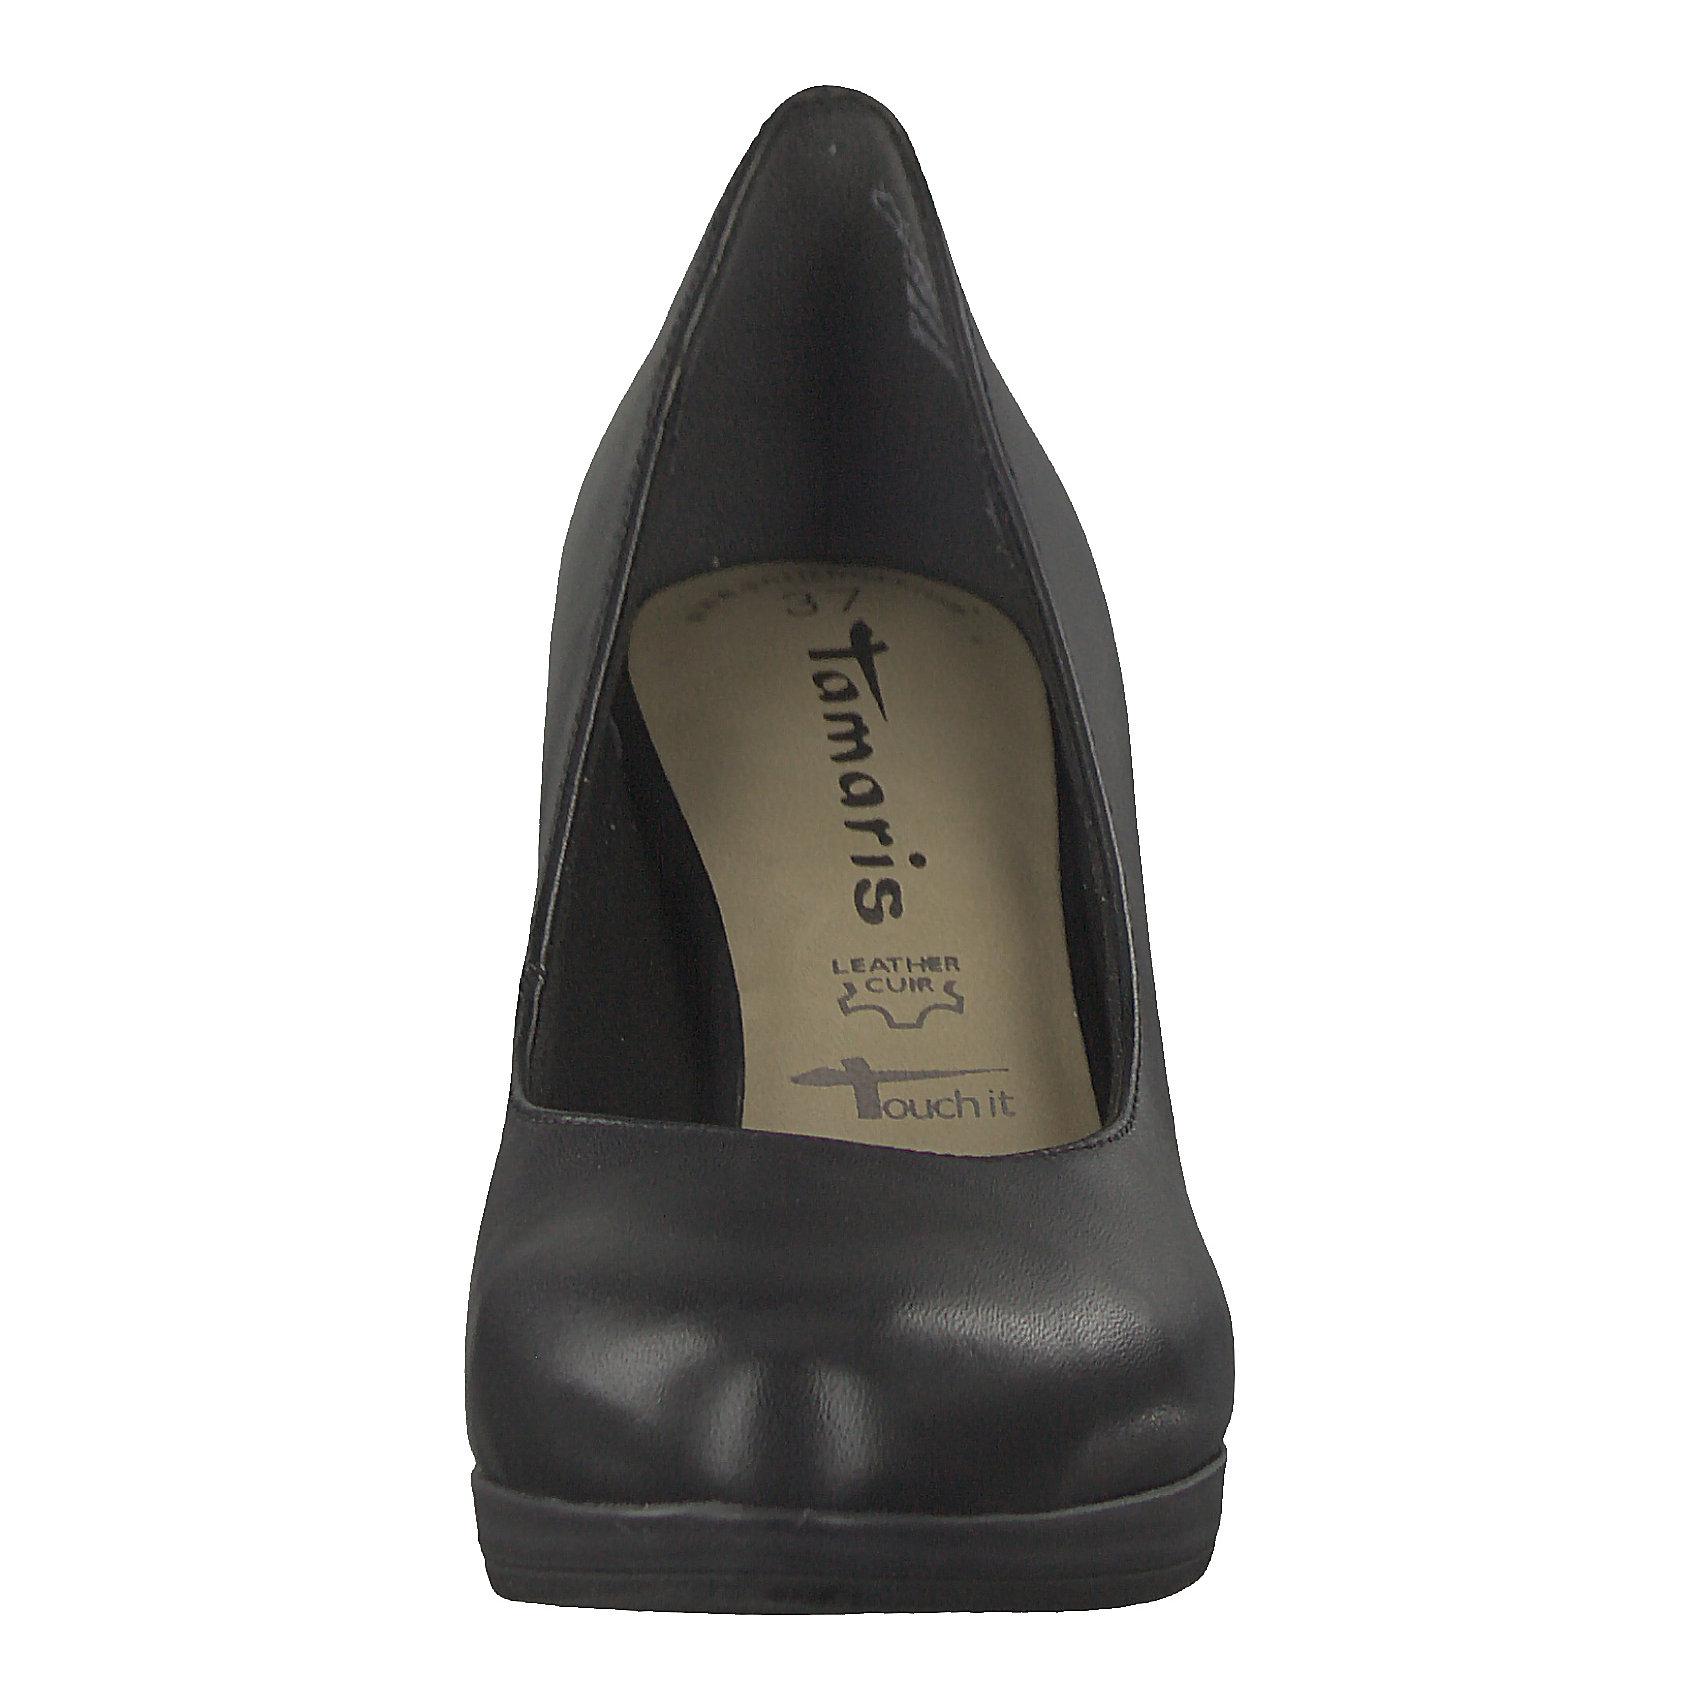 Neu Tamaris Klassische Pumps 7346355 für Damen Damen Damen schwarz taupe hellbraun  | Neueste Technologie  46eb91